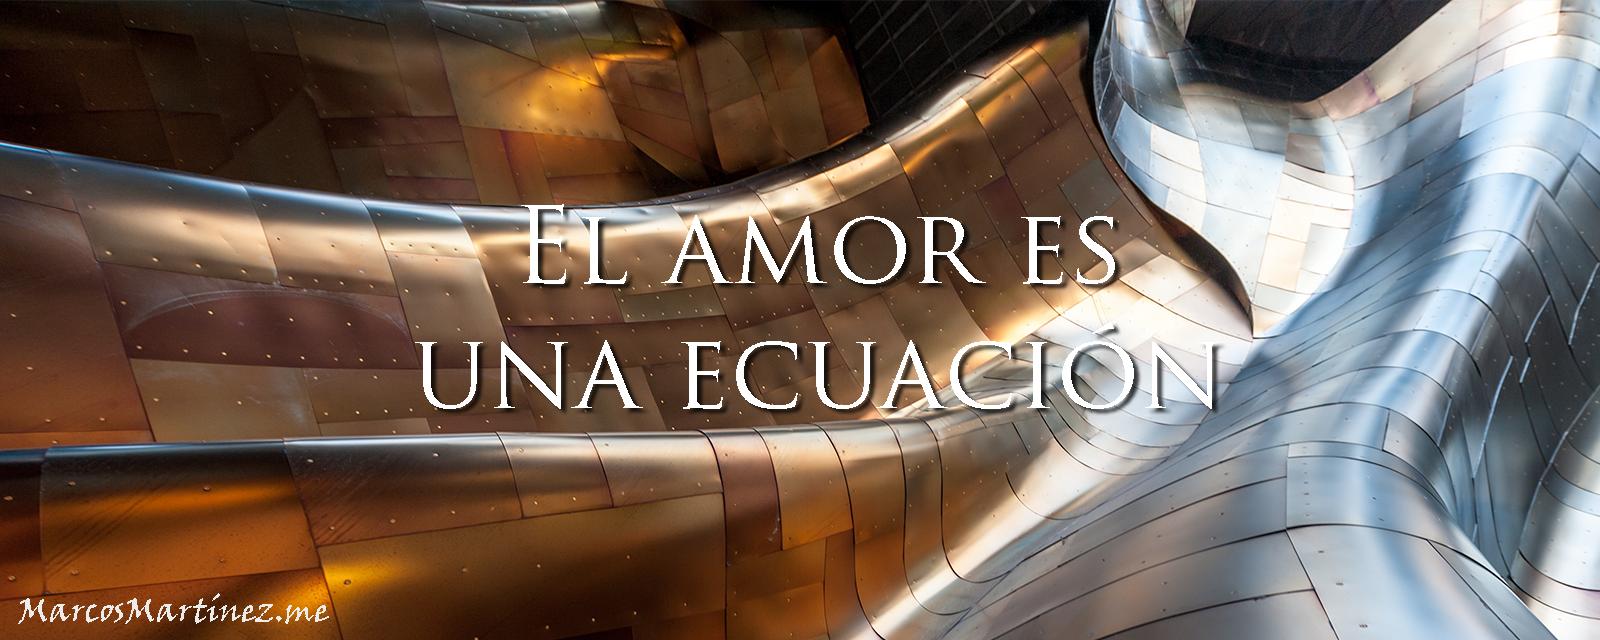 El amor es una ecuación